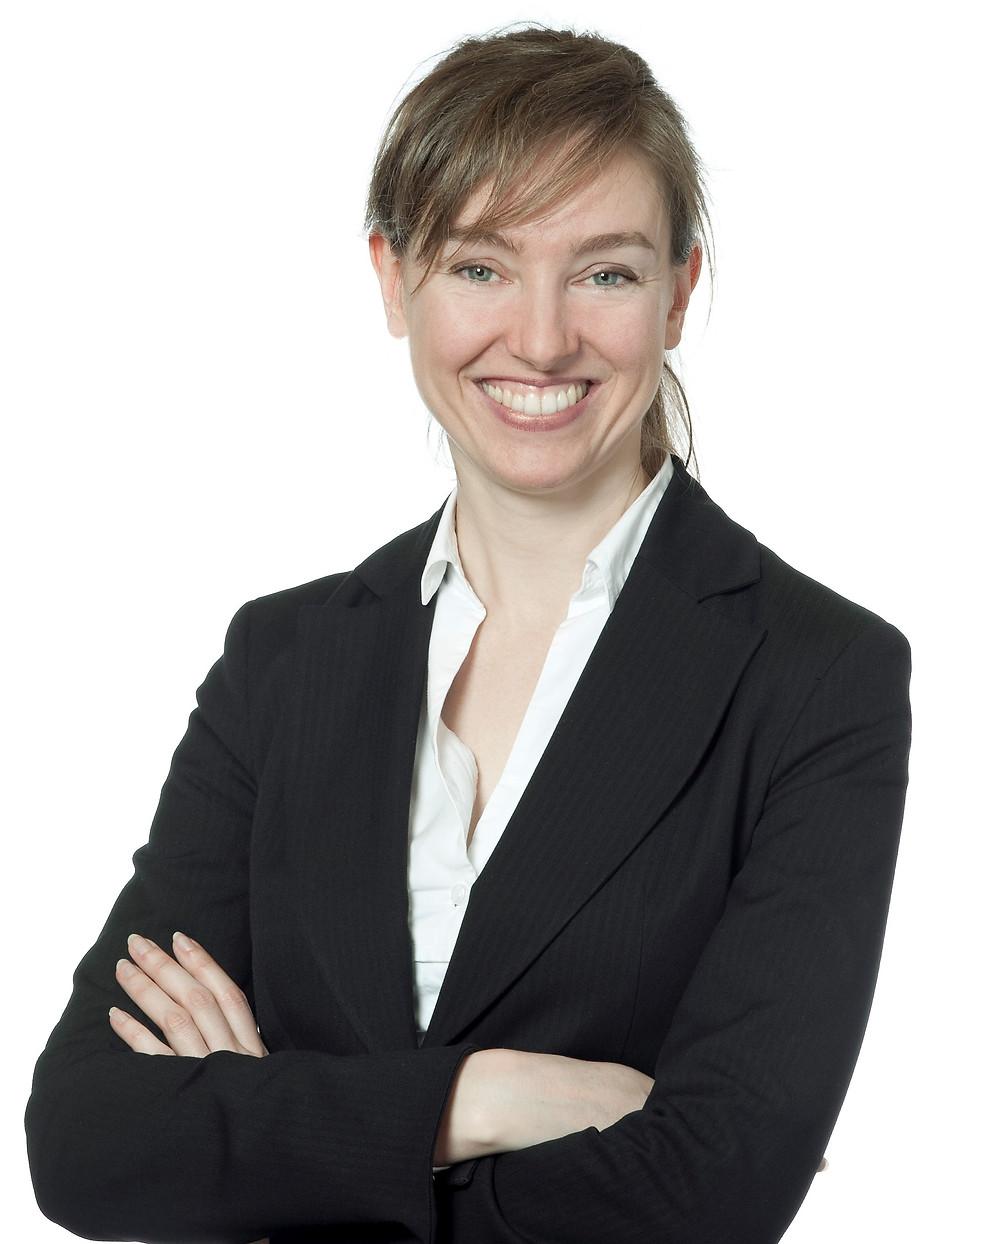 """""""Als zielgerichtetes Unternehmen wollen wir Impulsgeber und Wegbereiter einer nachhaltigen Welt sein,"""" sagt sagte Alice Steenland, Chief Sustainability Officer von Dassault Systèmes."""